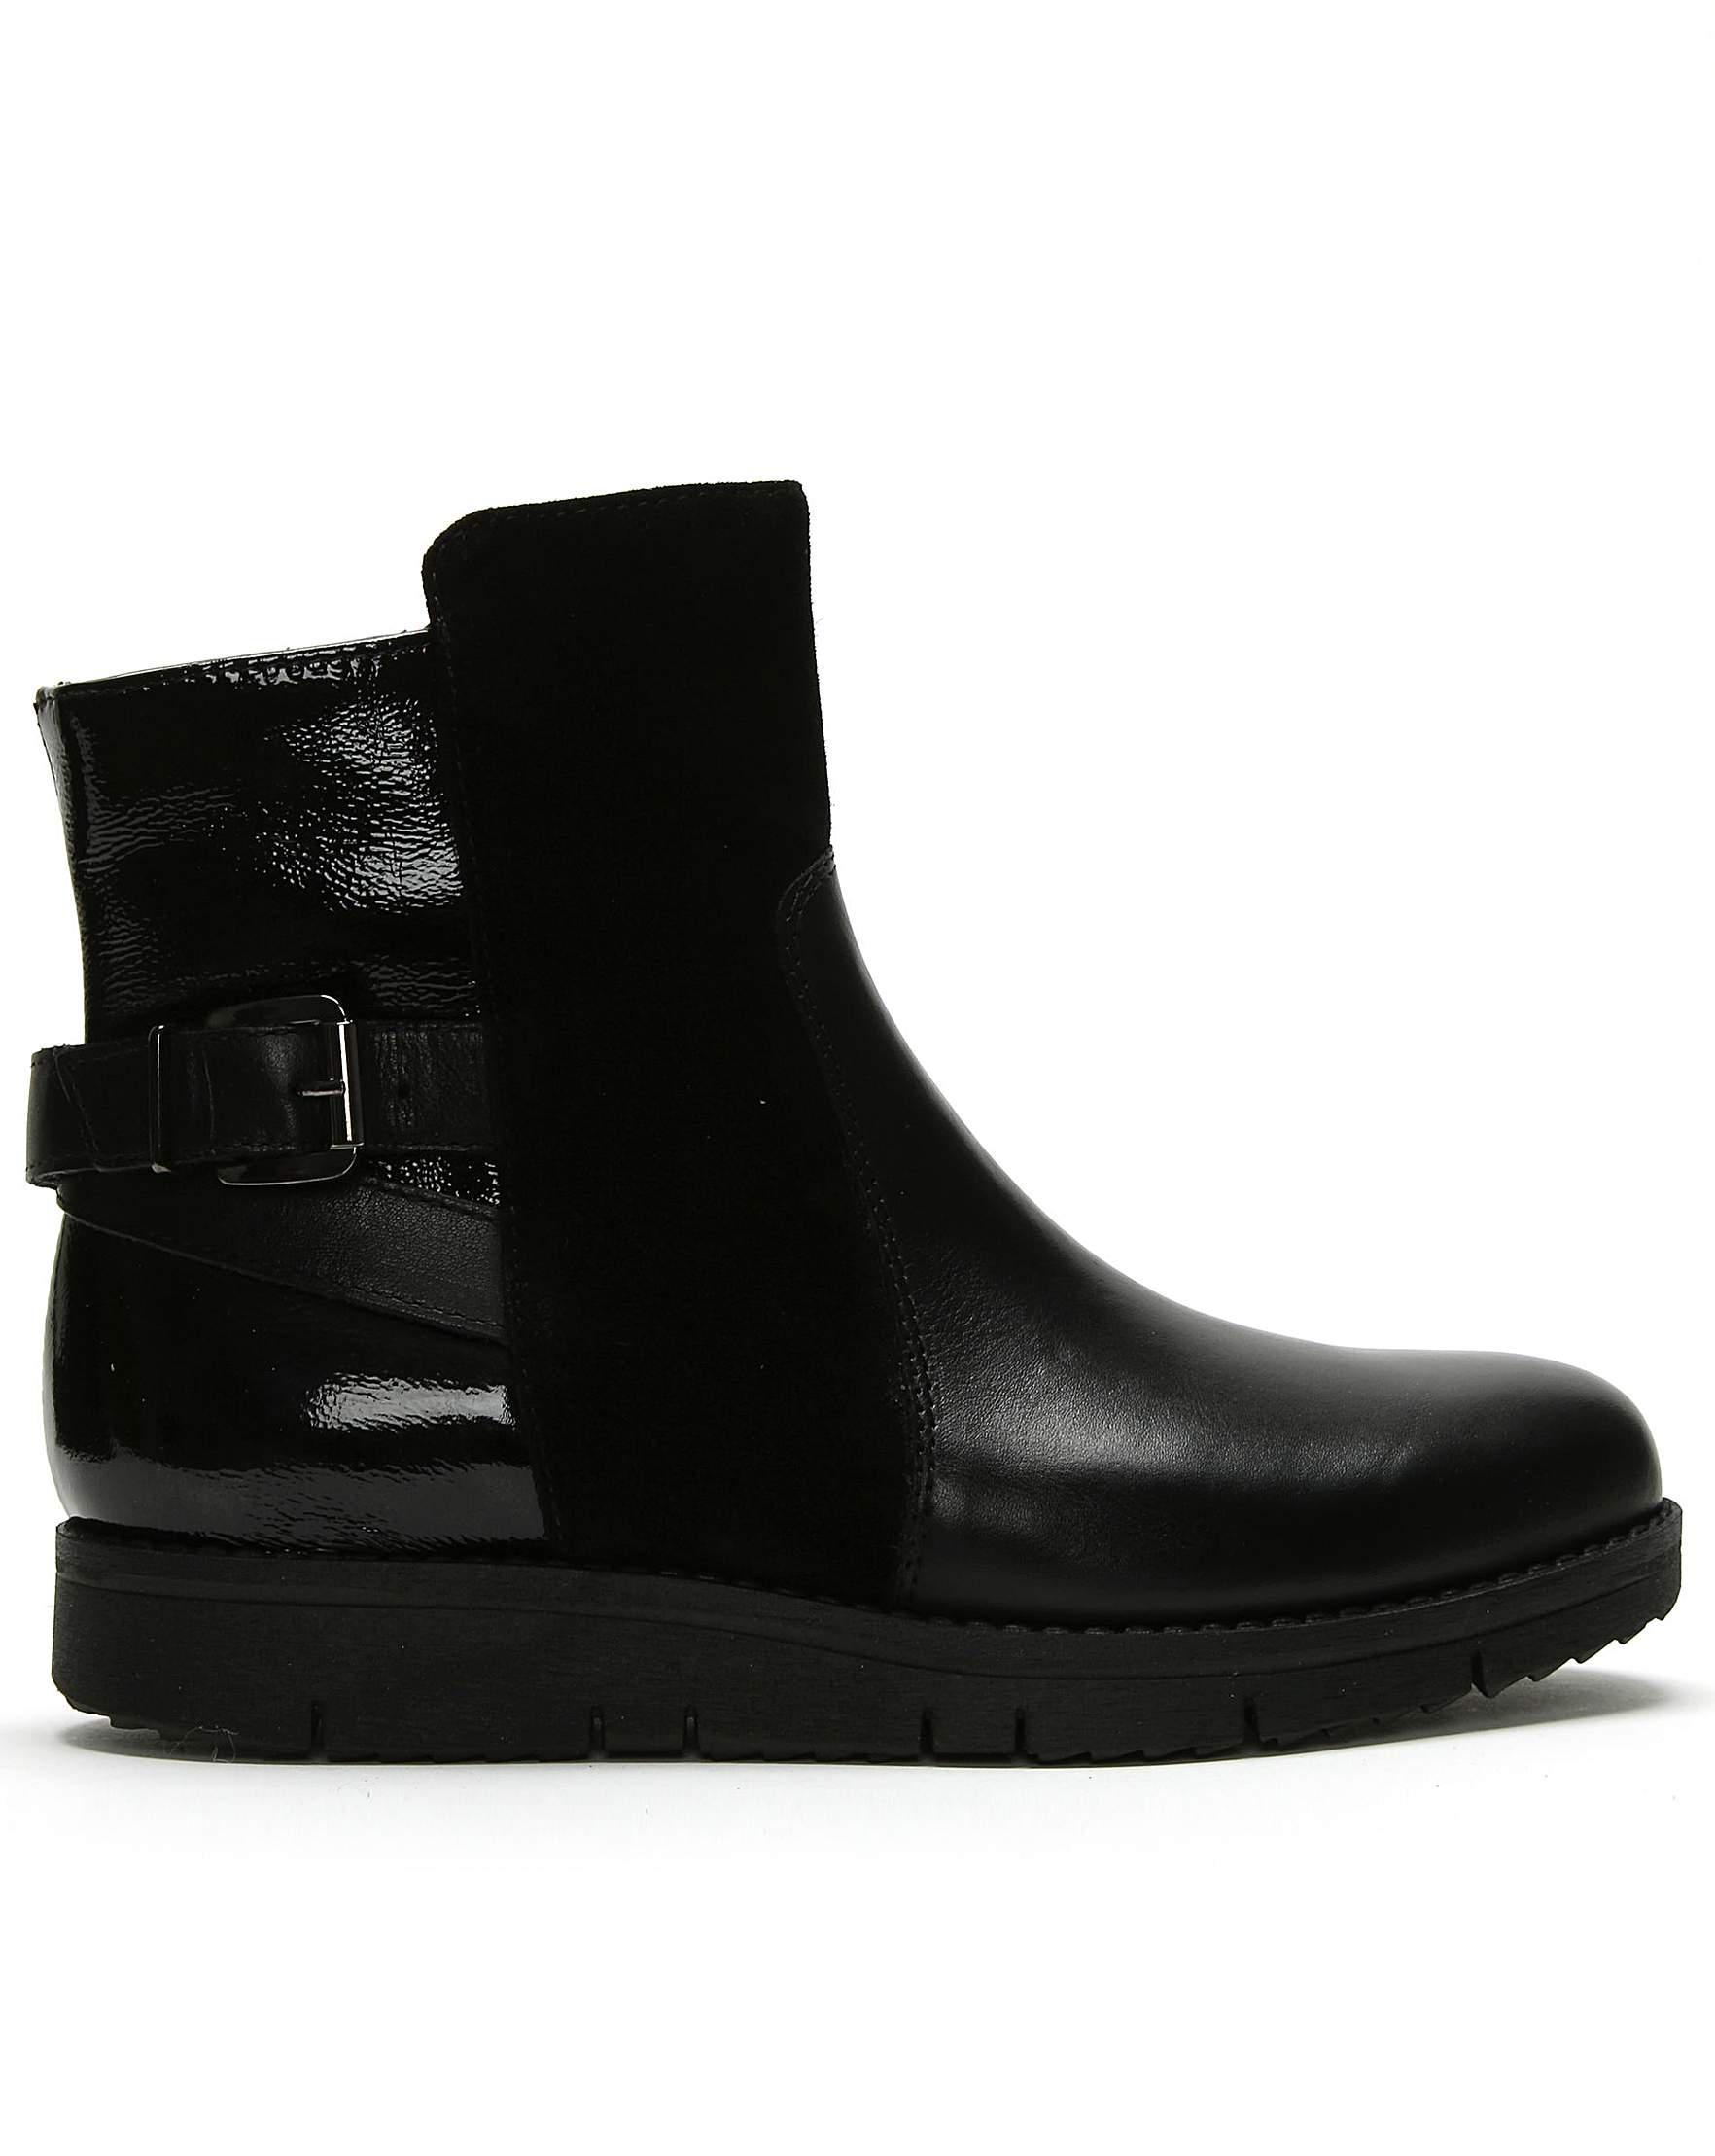 453e29aba753 Daniel Footwear Daniel Reeva Leather Buckled Ankle Boots in Black - Lyst